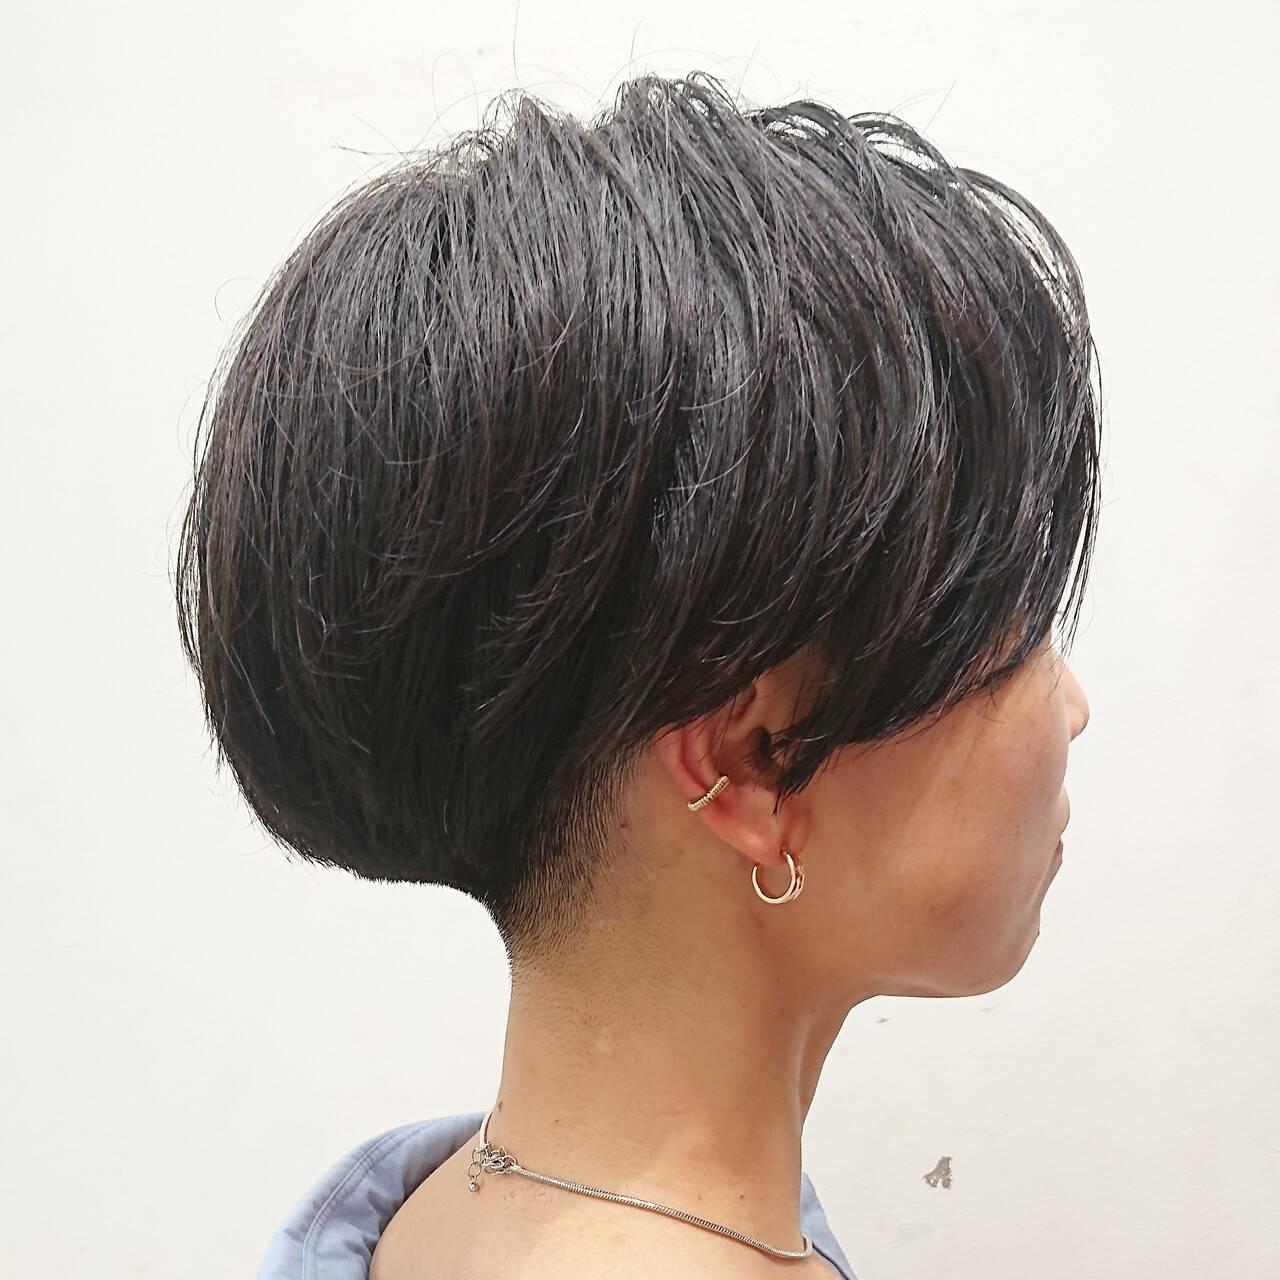 刈り上げ マッシュショート ハンサムショート 刈り上げ女子ヘアスタイルや髪型の写真・画像